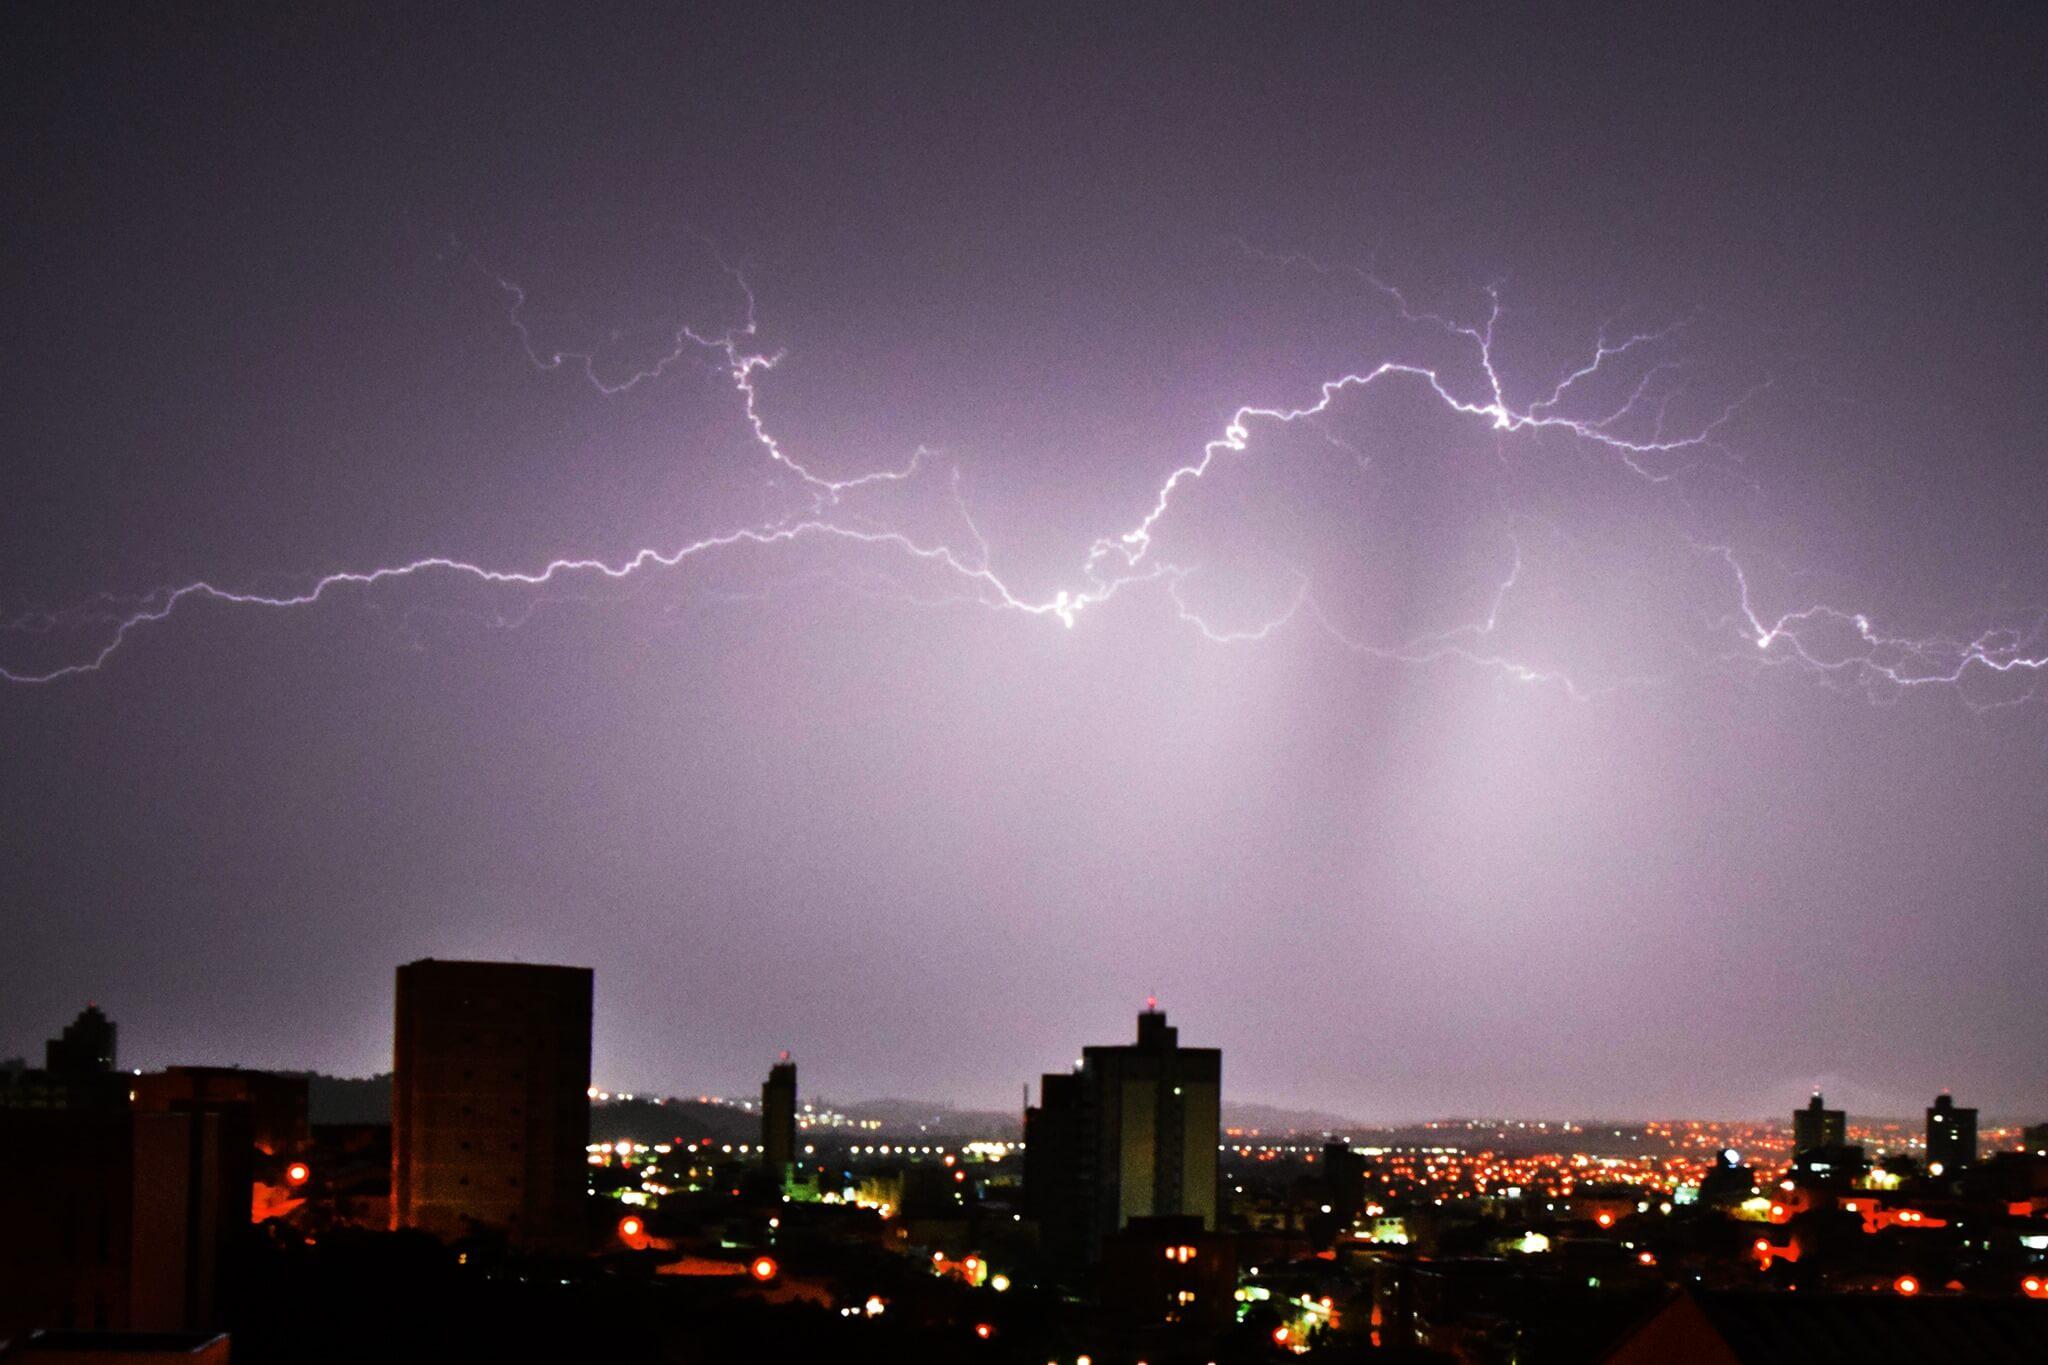 Inmet alerta para chuvas intensas no final de semana em Pouso Alegre e região - PousoAlegre.net